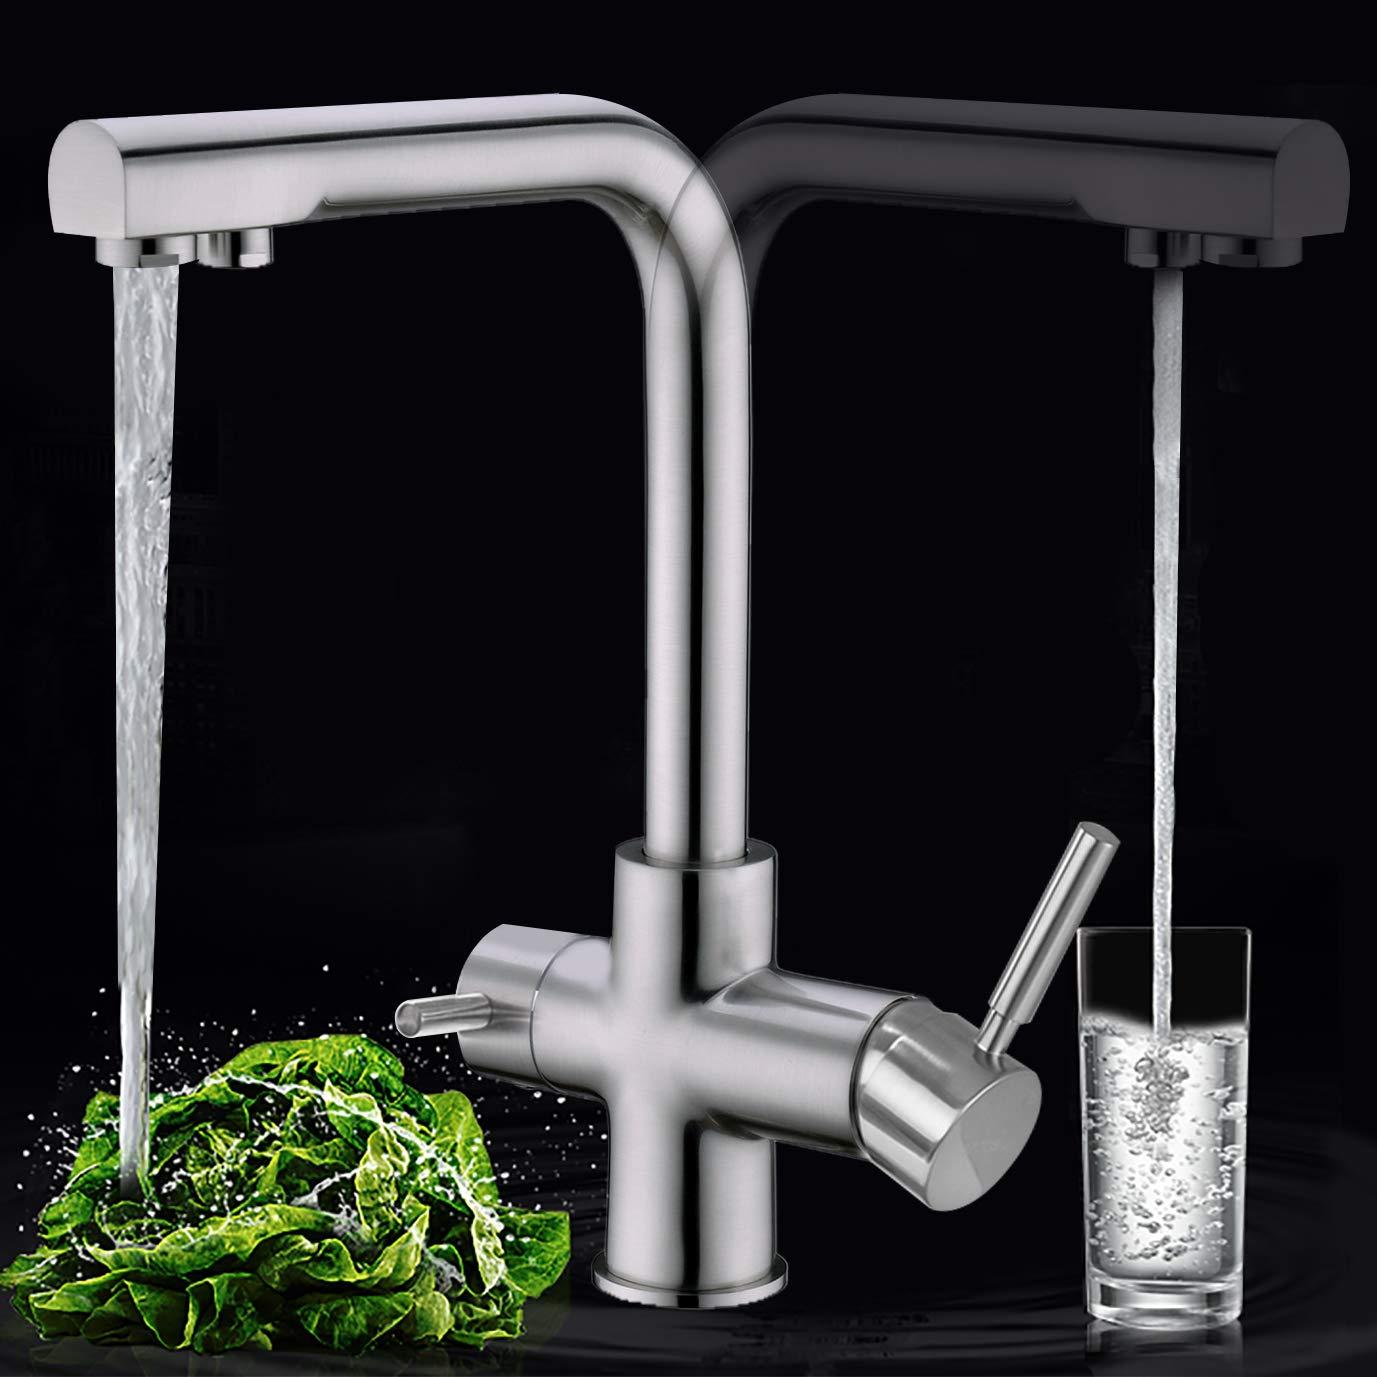 BZOOSIU Grifos de cocina con filtro de agua de 3 v/ías Grifos de agua potable CREA con dos manijas Grifo de lat/ón macizo de 3 v/ías Grifo mezclador de cocina de n/íquel cepillado